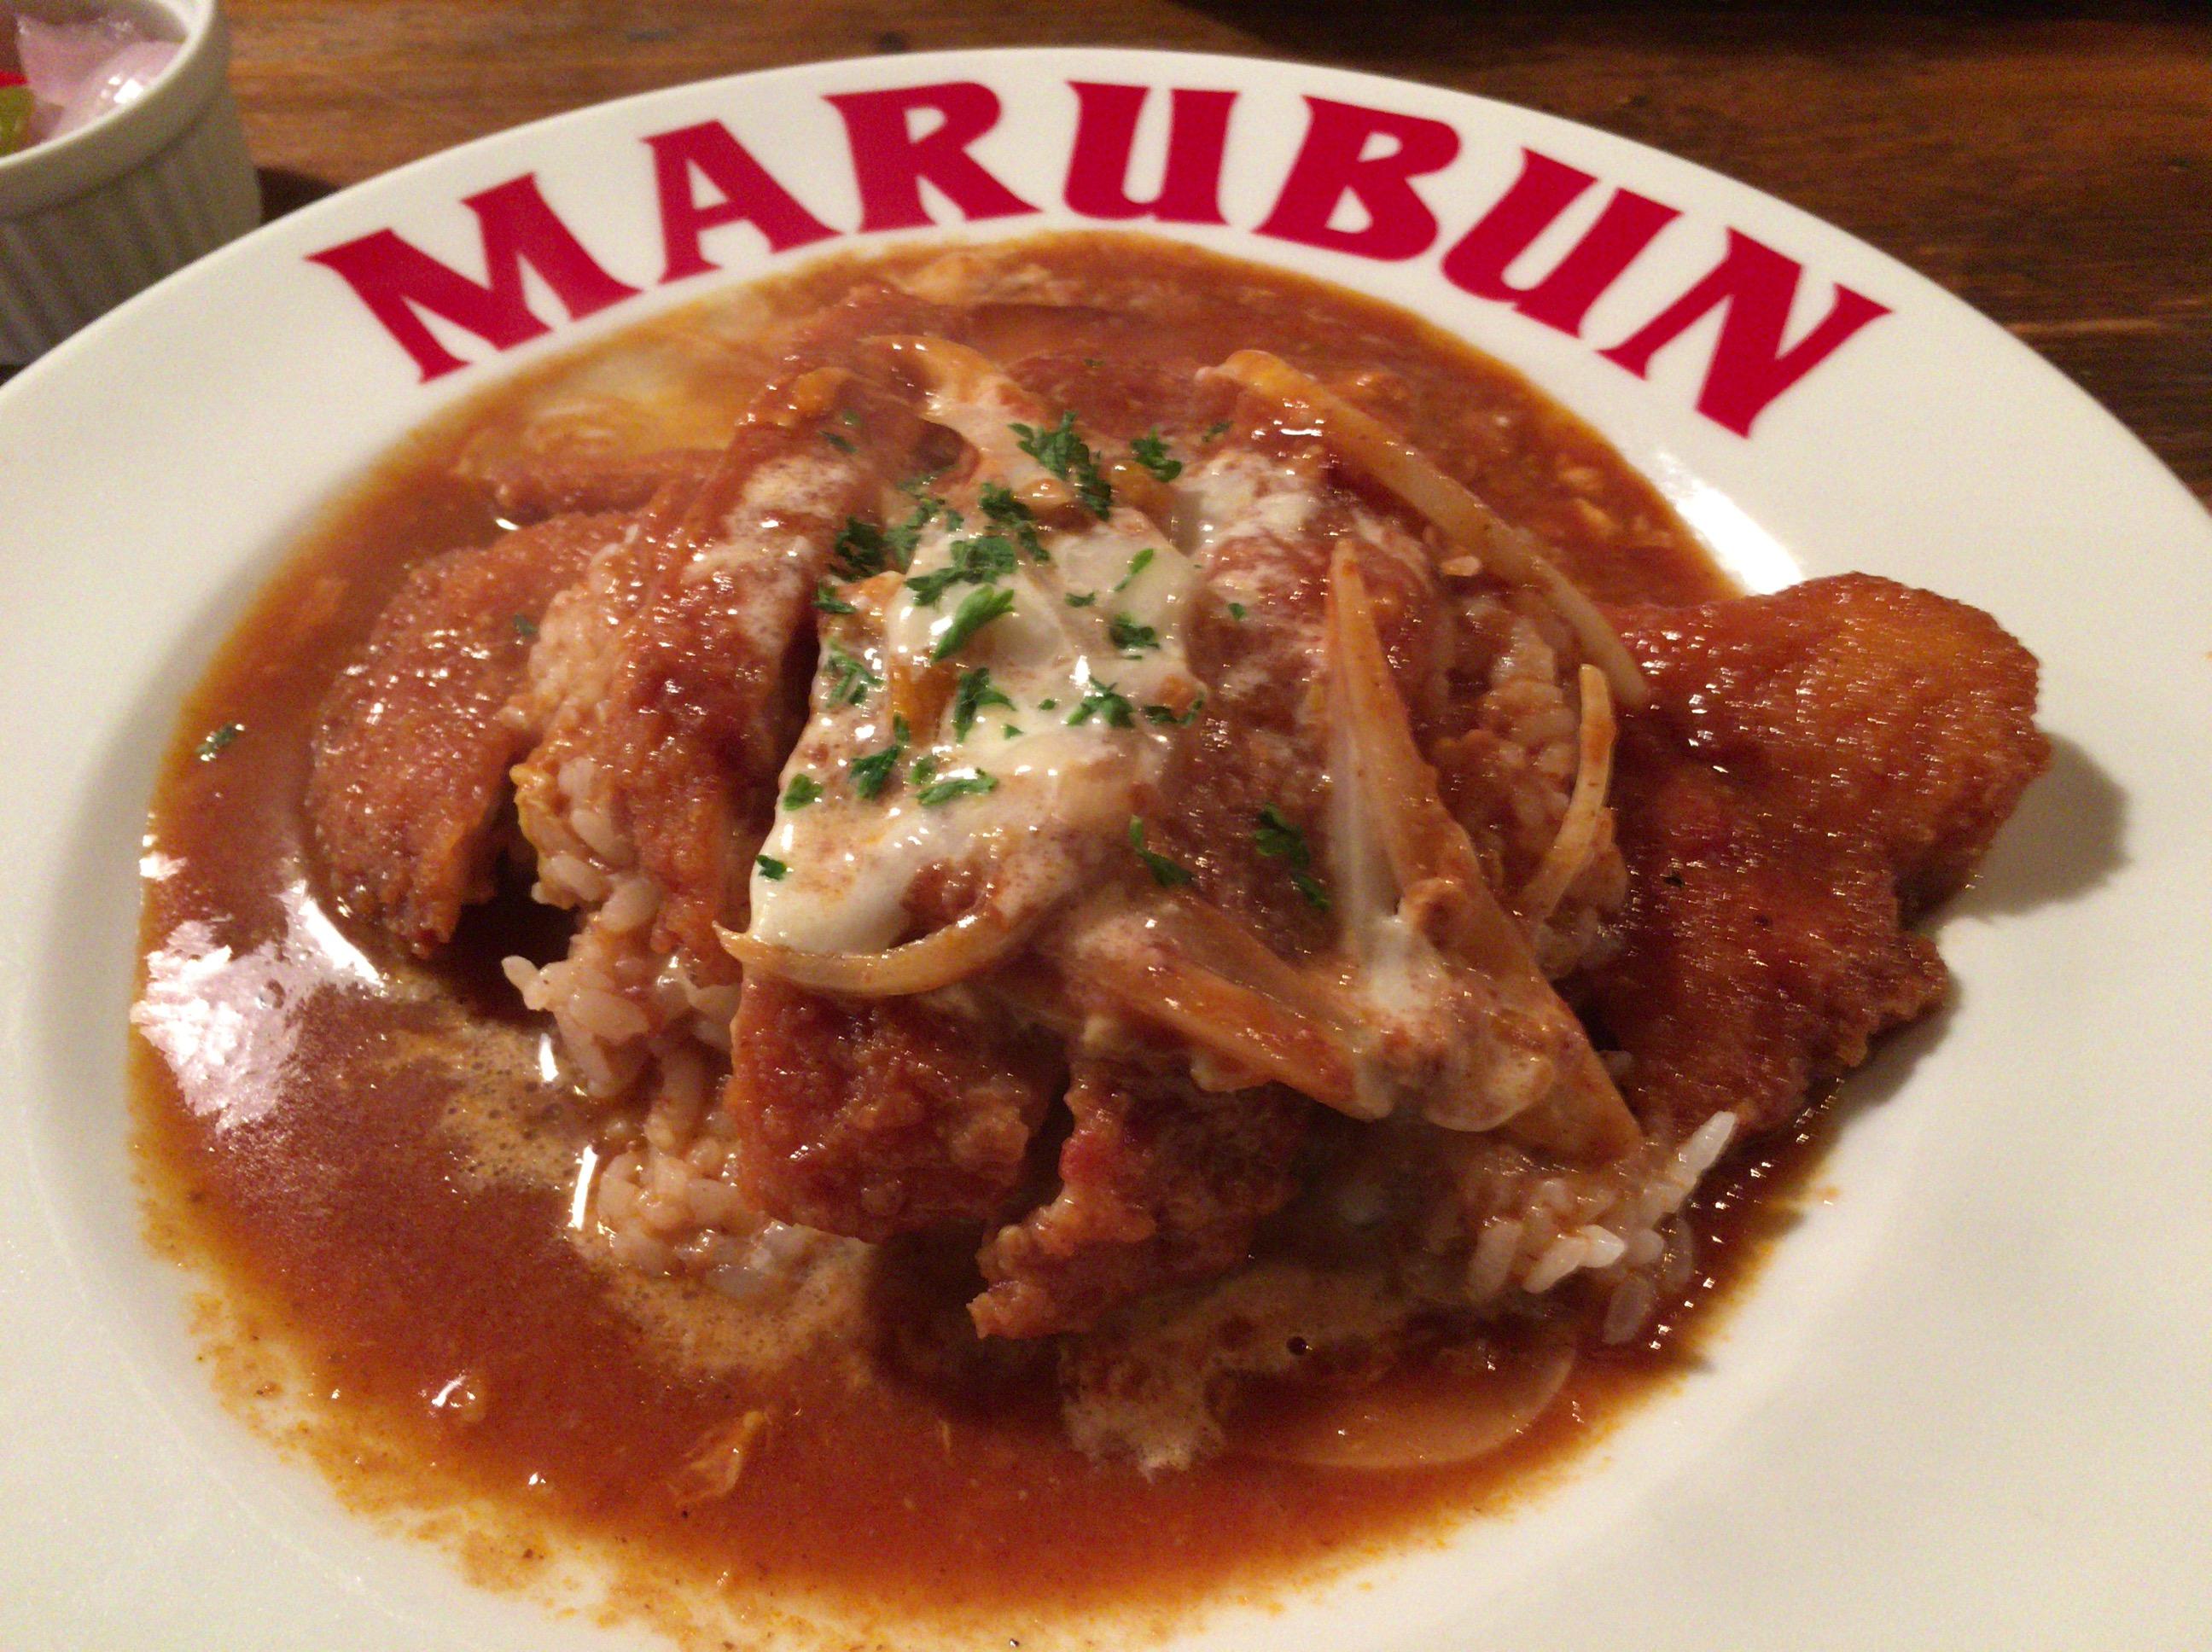 カツ丼とは一味違ったおすすめメニュー!西条が誇る有名洋食屋「MARUBUN」(マルブン)が作る「カツライス」を絶対食べに行くべし!!